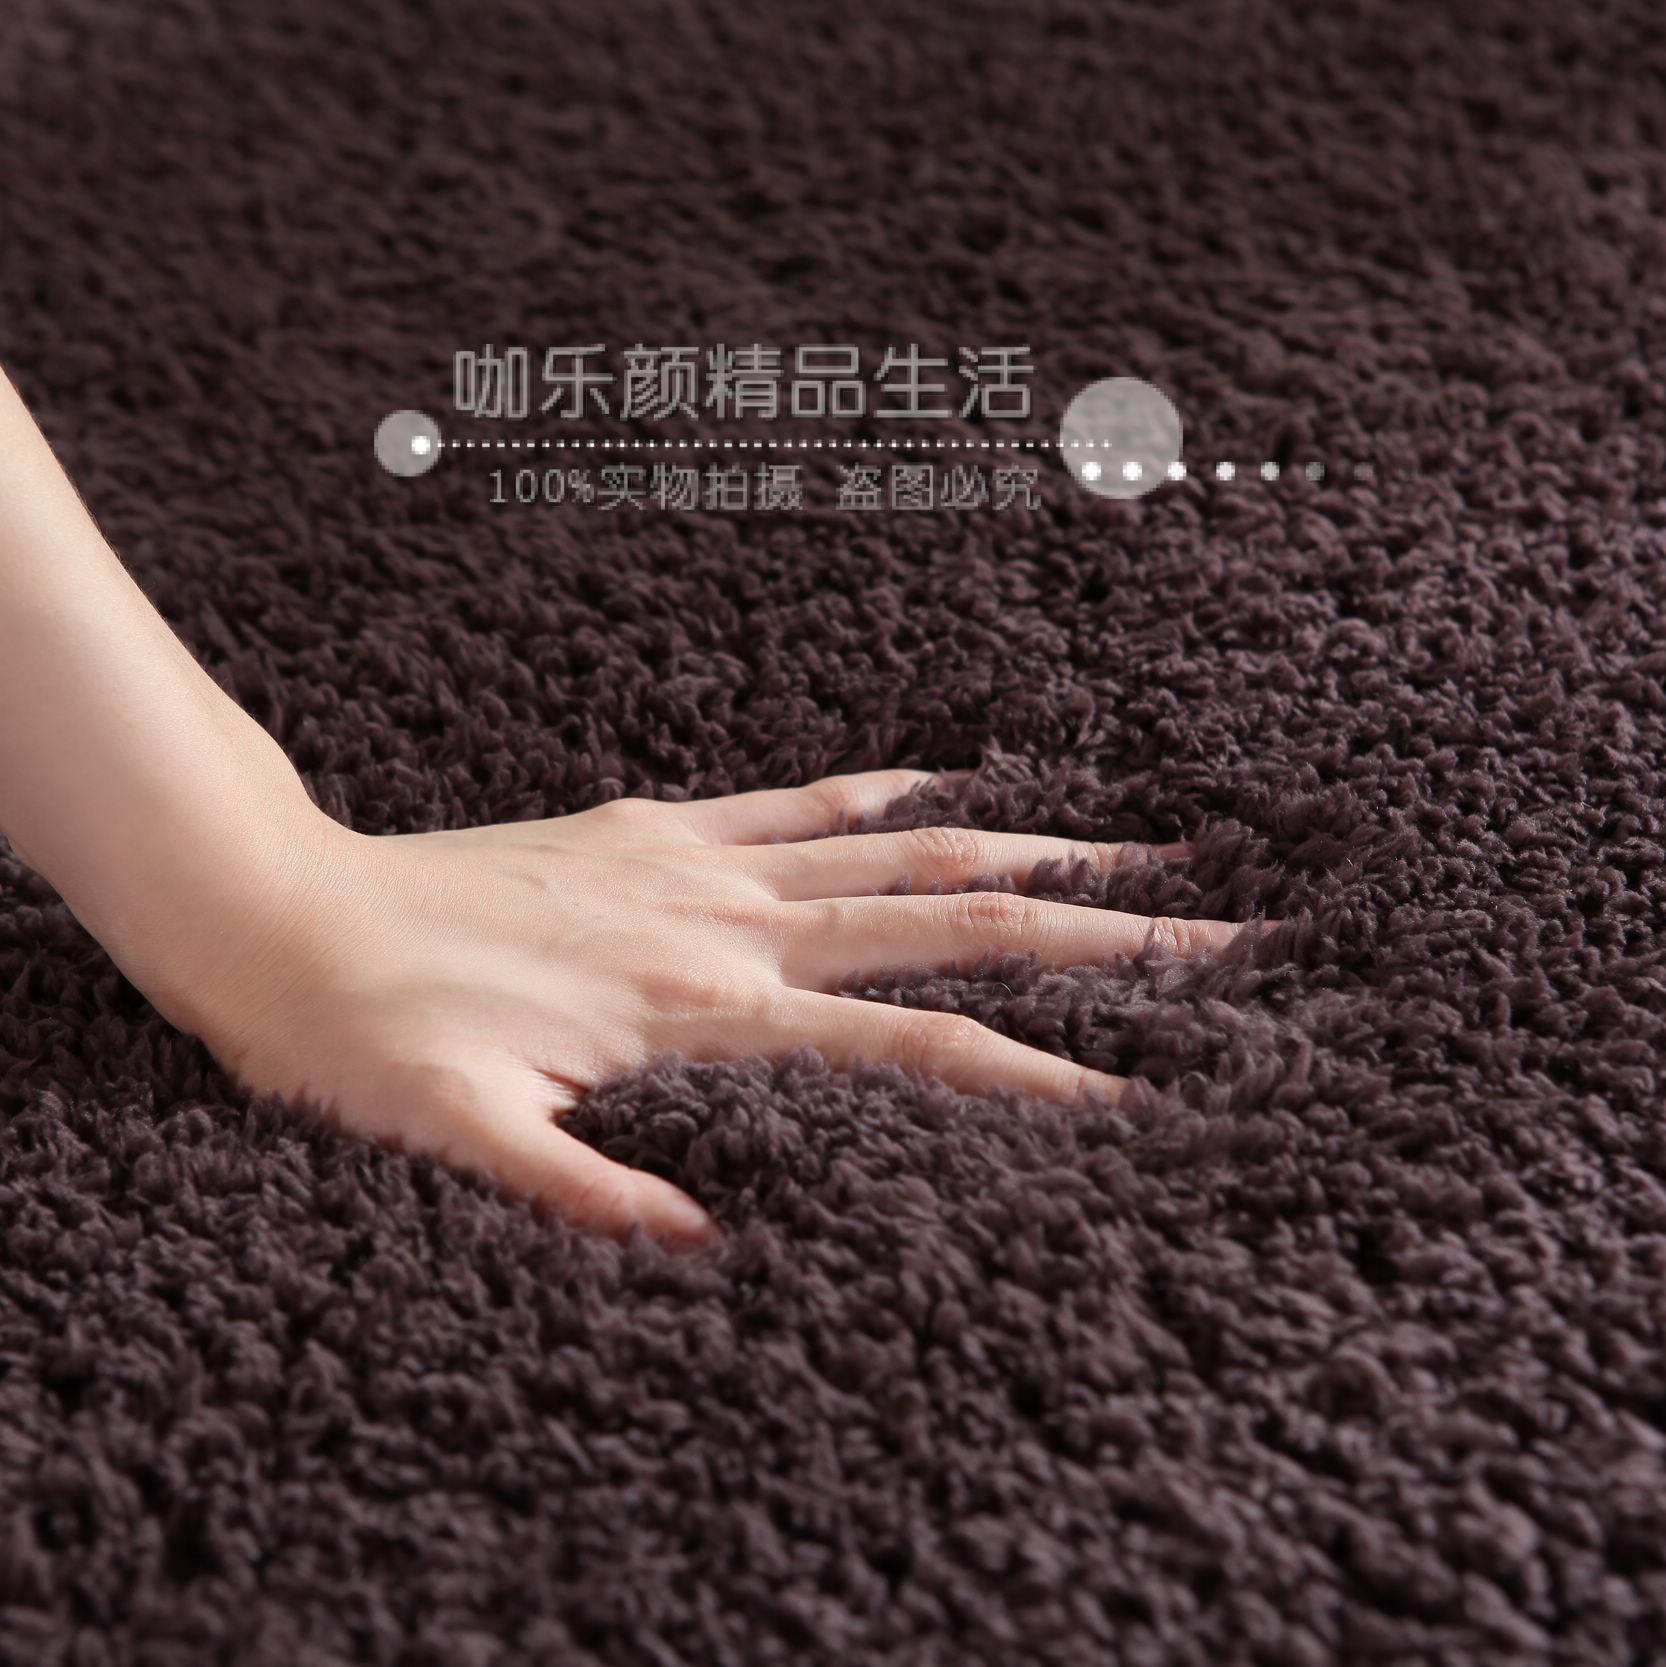 出口日本高档超厚 羊羔绒客厅地毯  卧室地毯 茶几毯 可定制 包邮